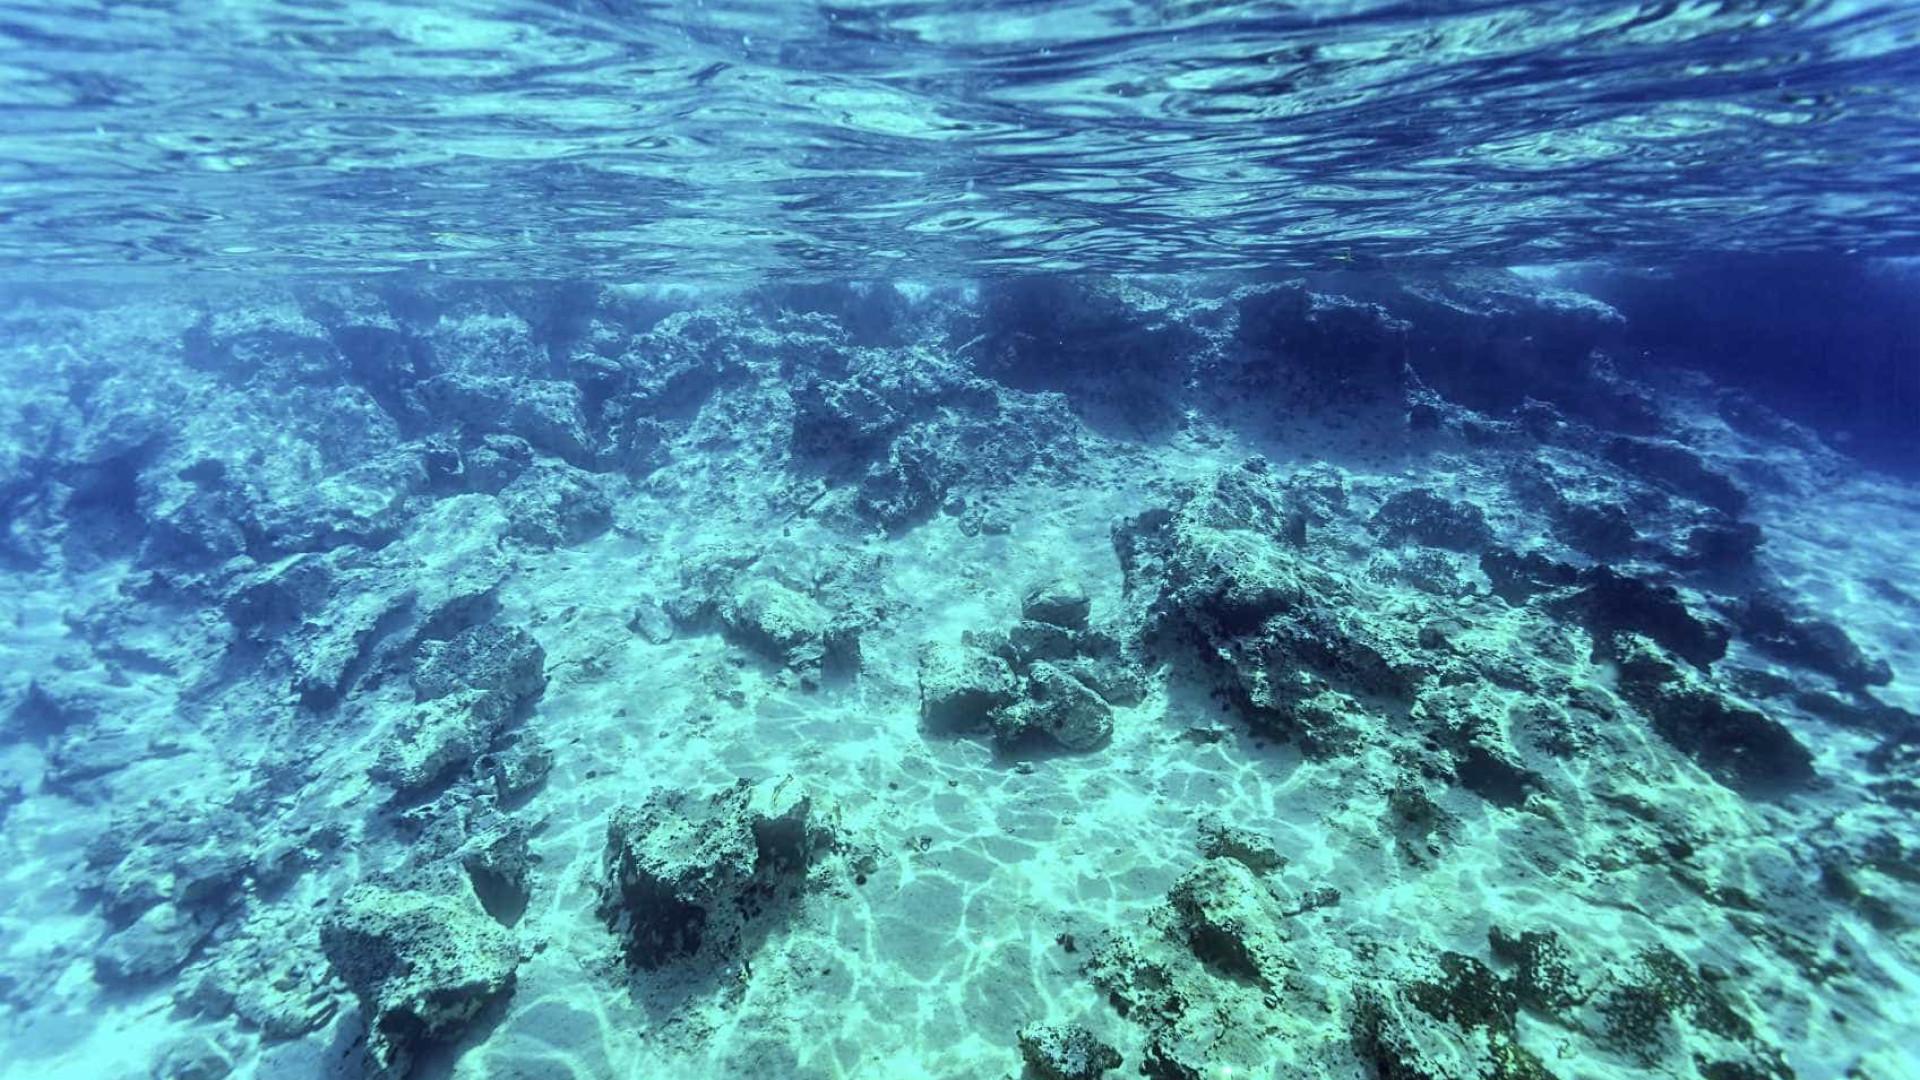 Solução para fim do plástico no mar pode estar num fungo que vive no mar